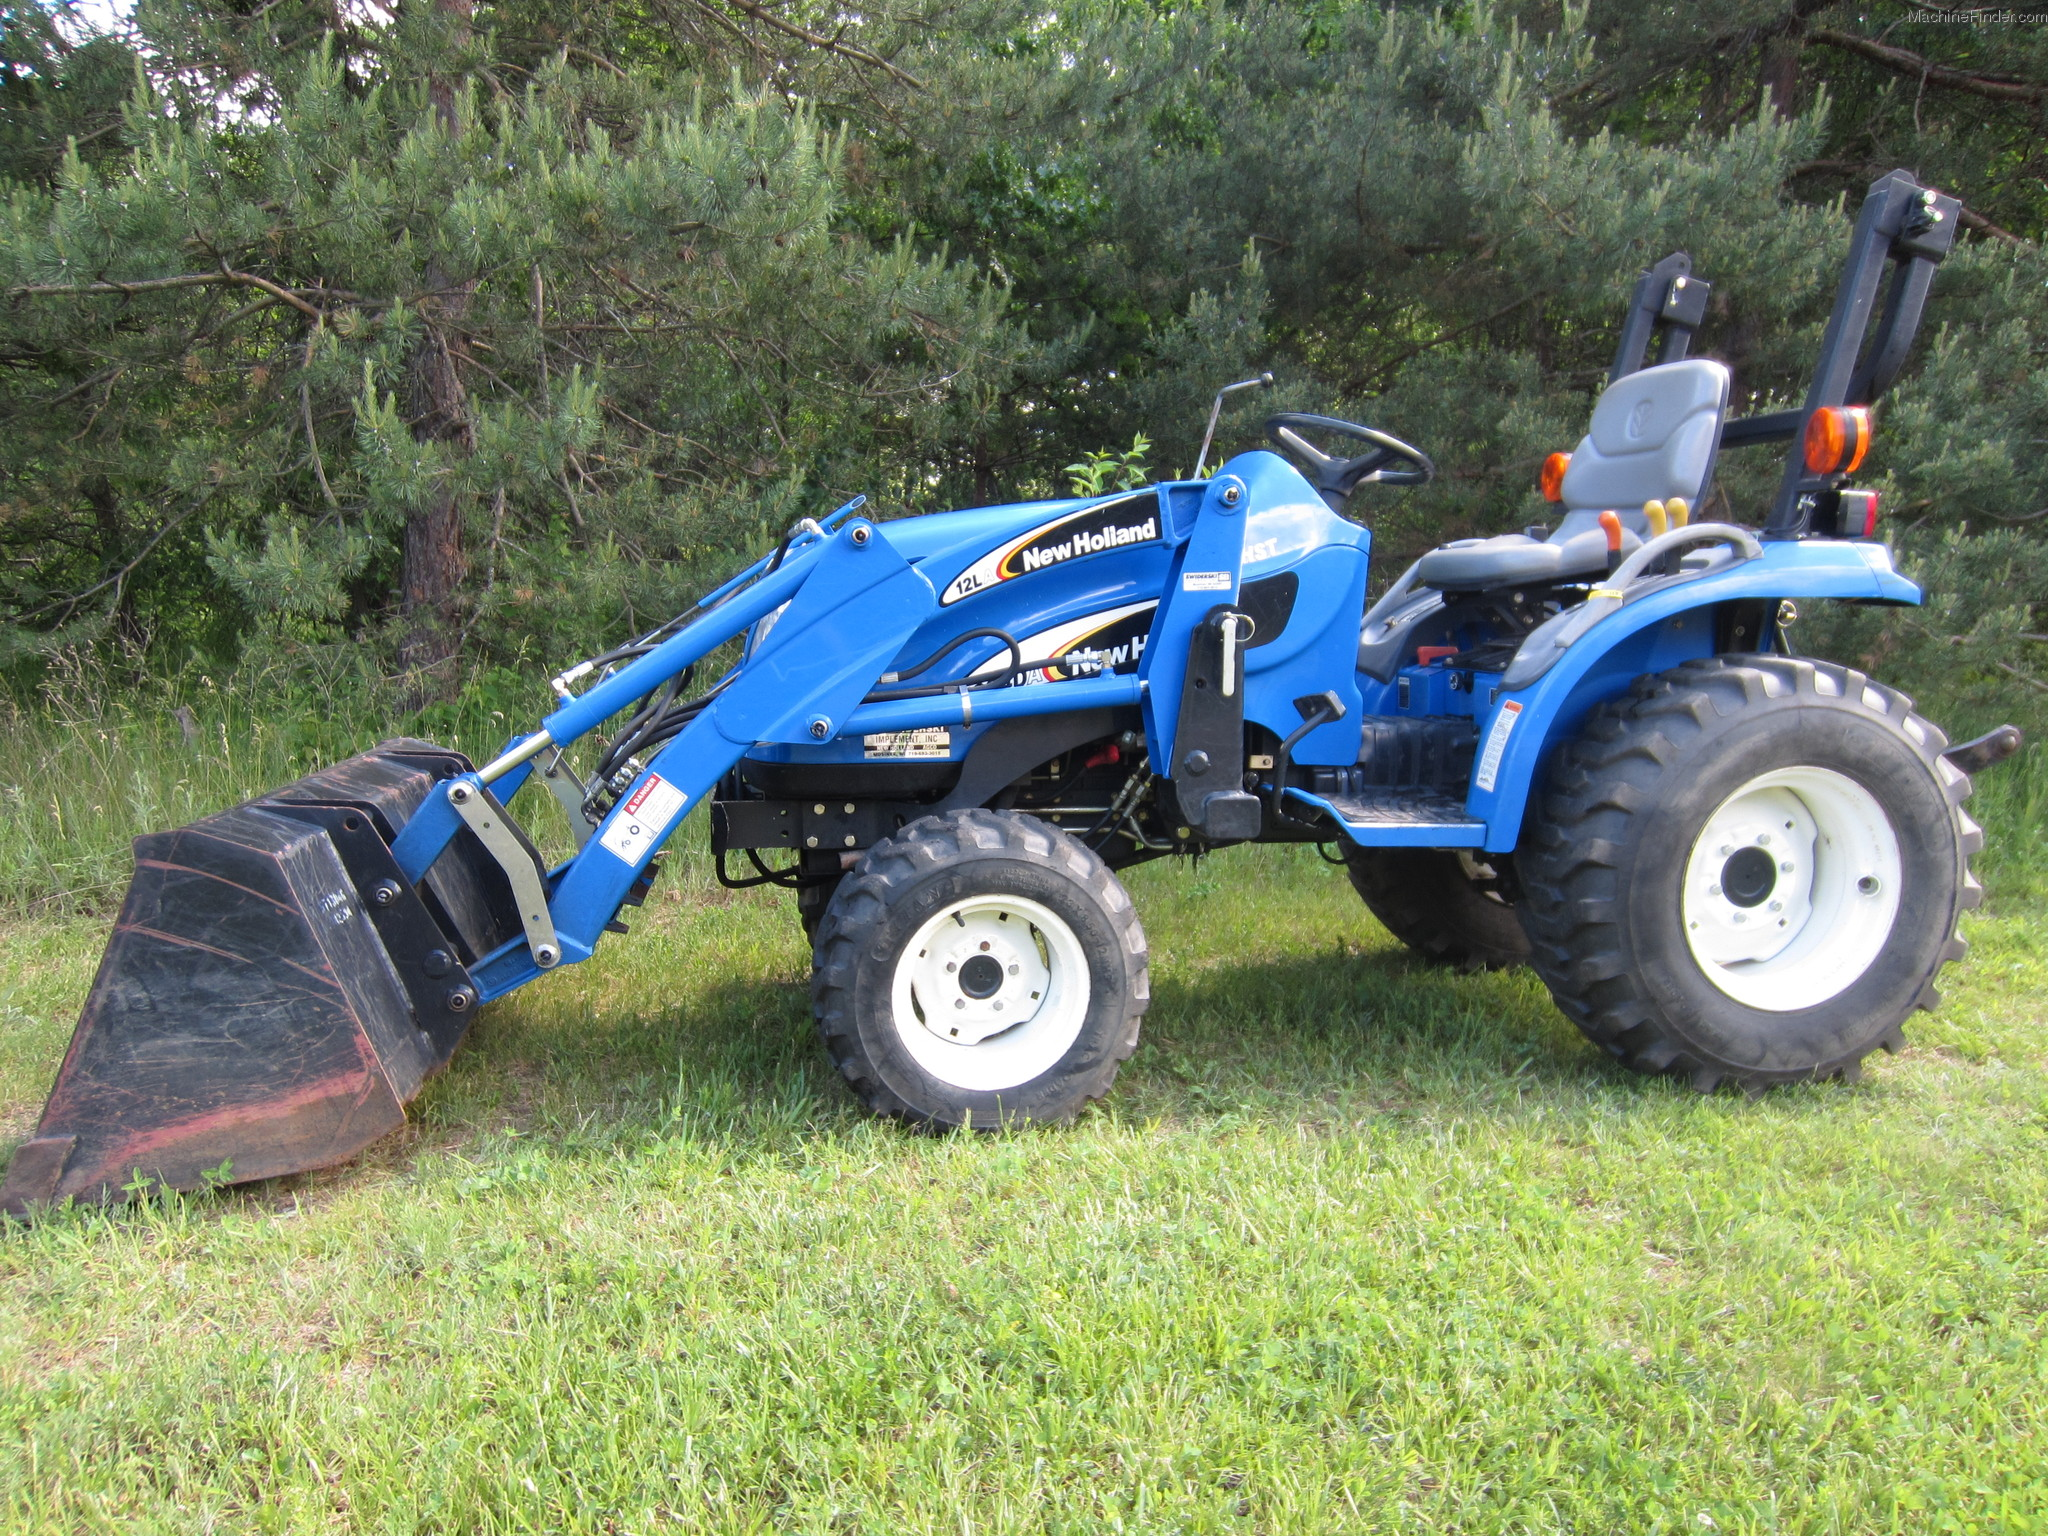 New Holland Compact Tractors Parts : New holland tc da tractors compact hp